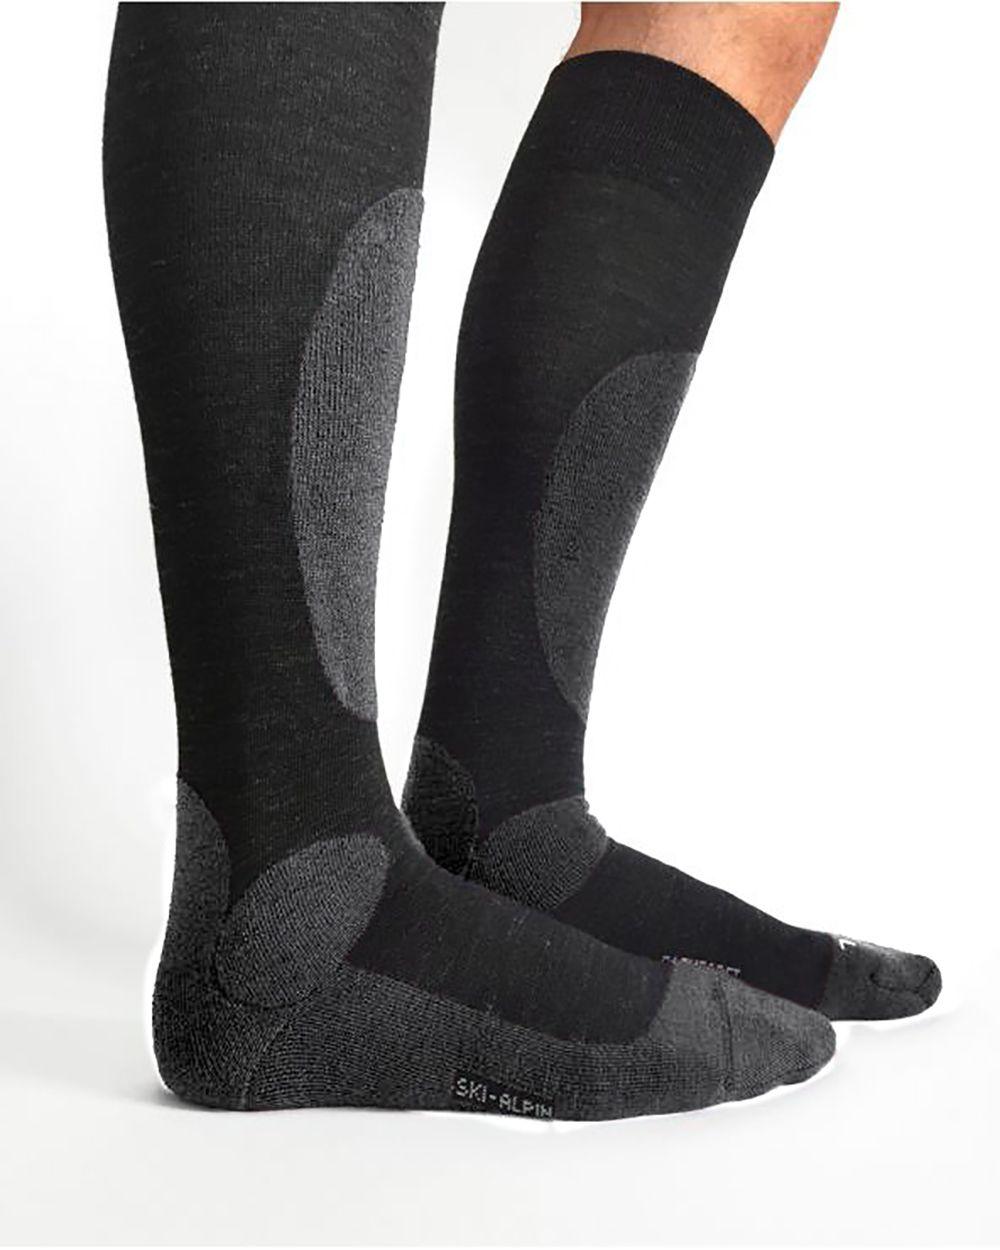 Chaussettes laine de ski